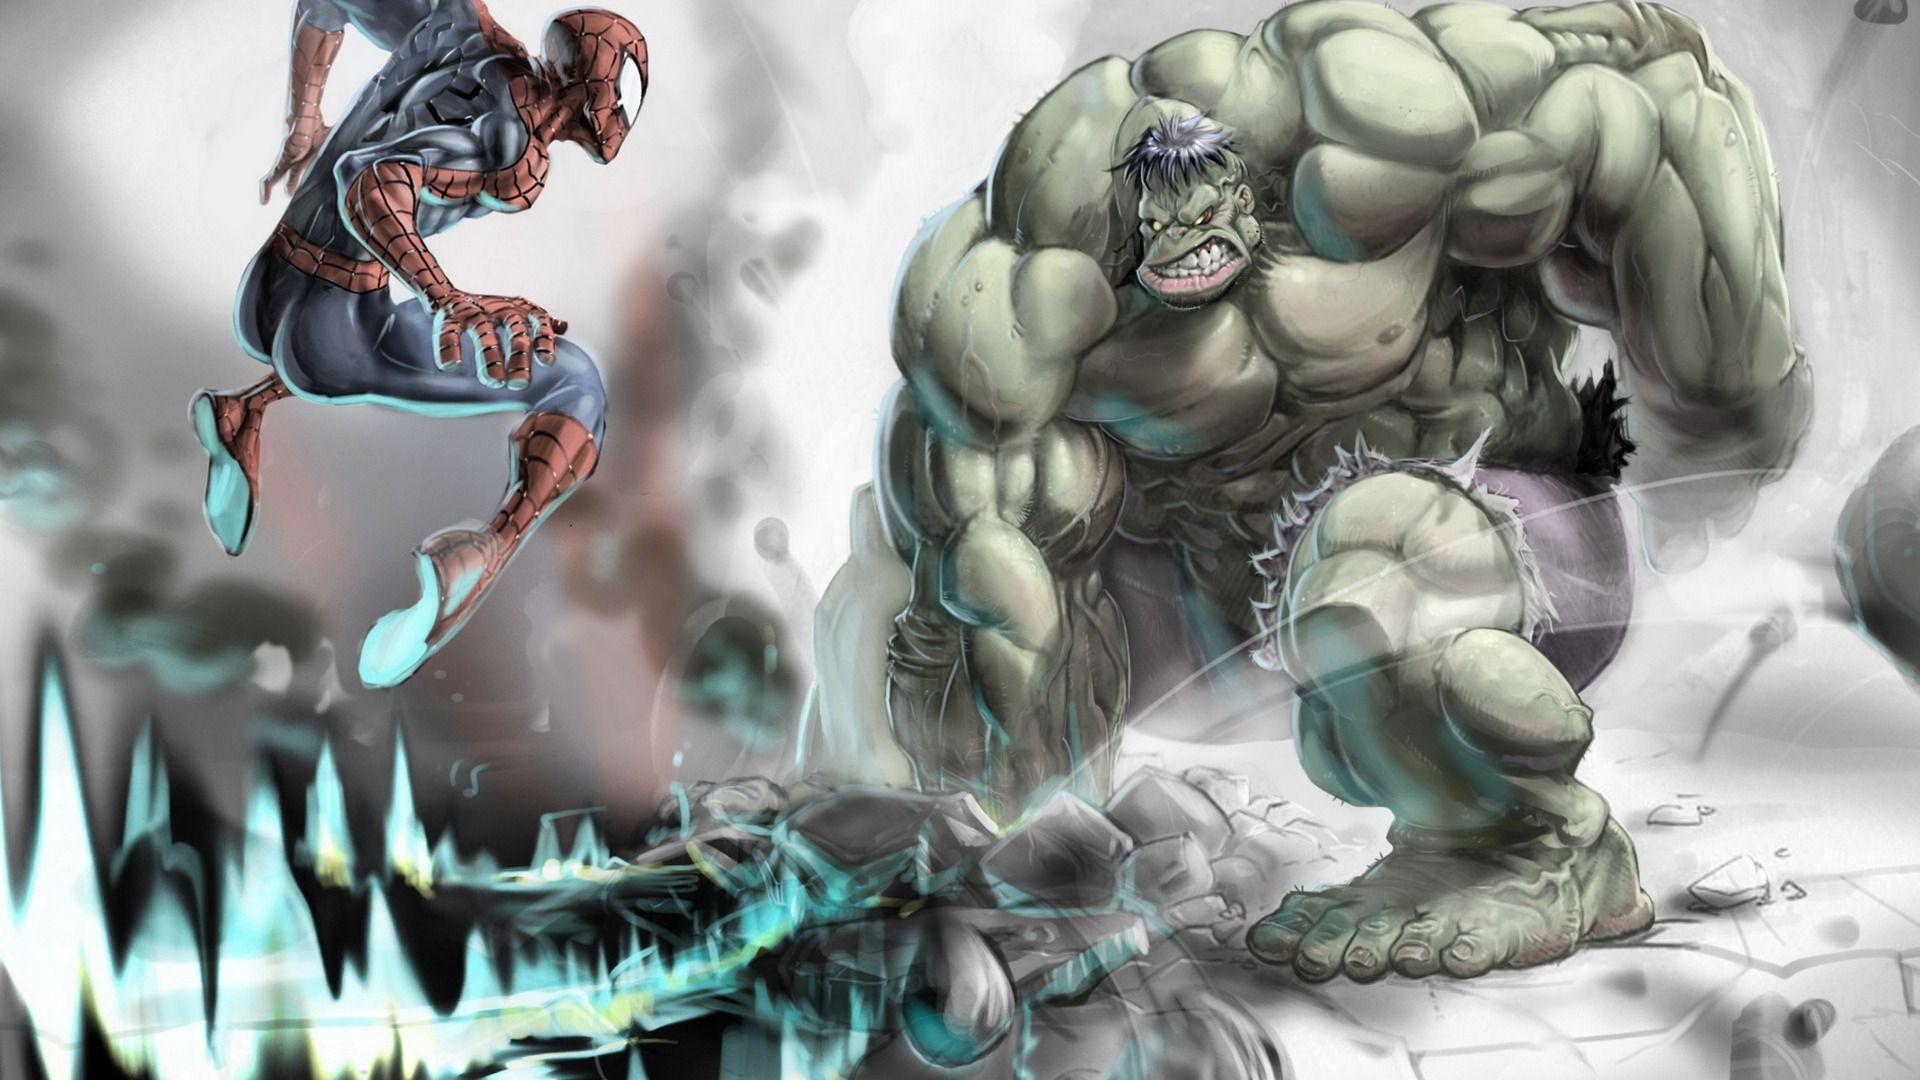 Tapeta na pulpit superbohaterów Spider-Man superbohater Fantasy Bohaterowie komiksów